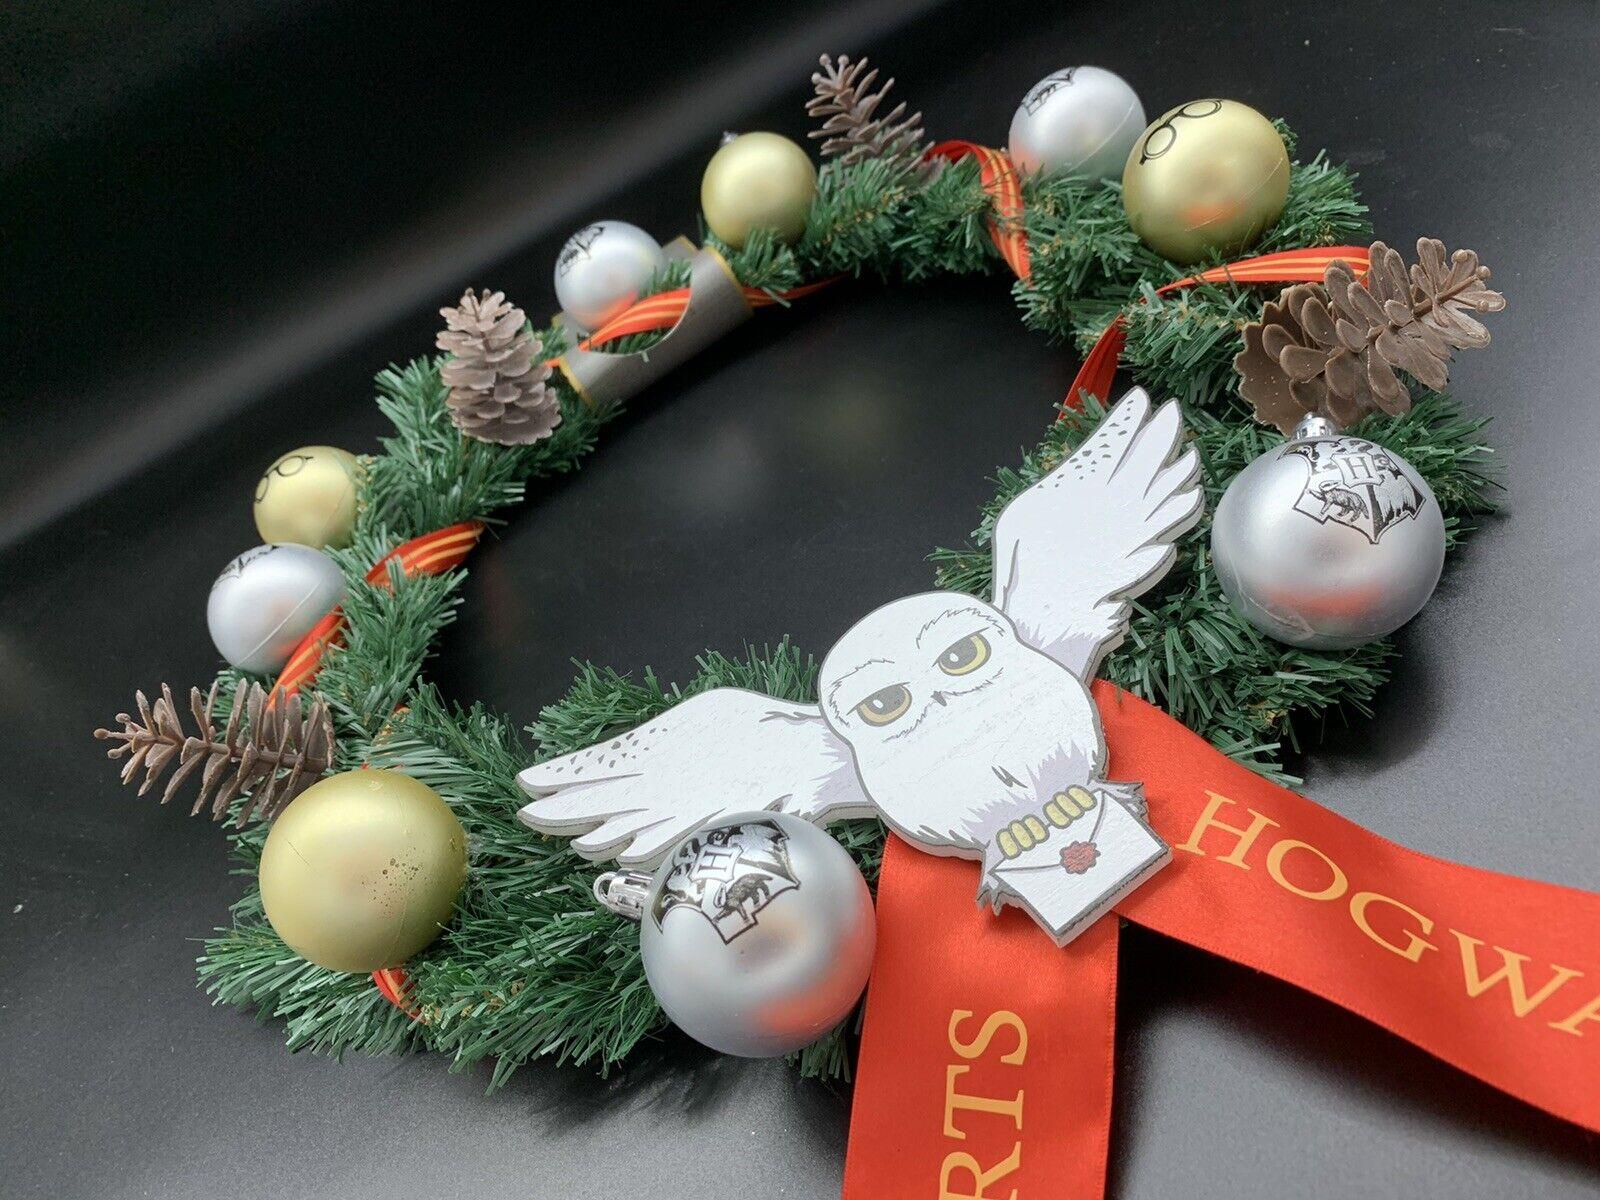 Harry Potter Hogwarts Hedwig Dekorations Weihnachtskranz kugel Schmuck Türkranz